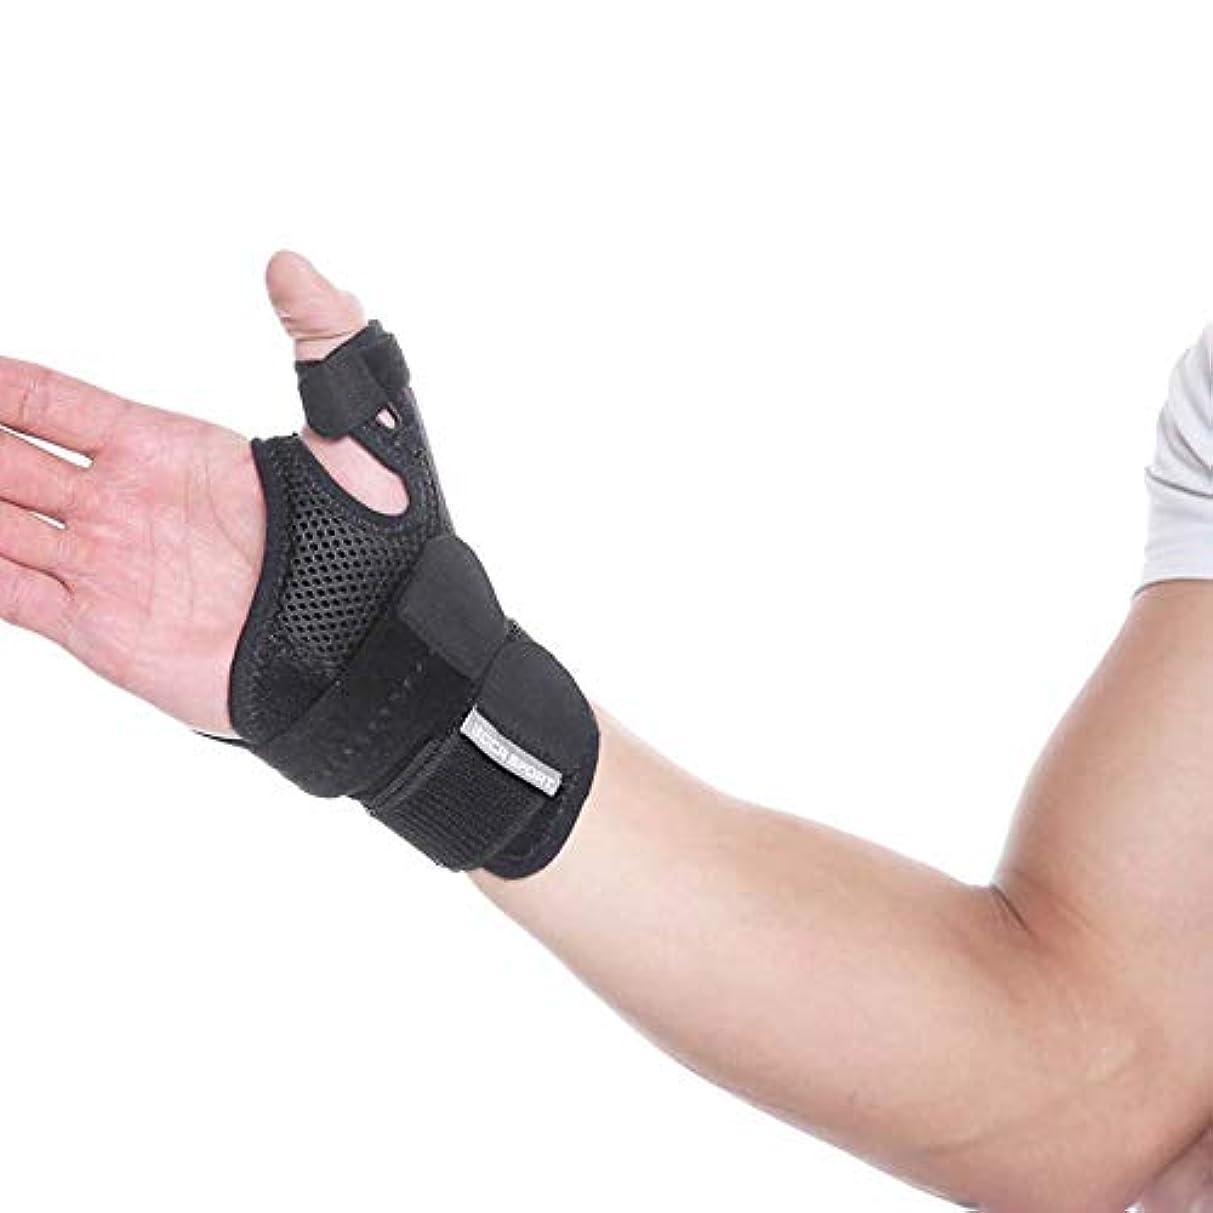 魔術師楕円形自明関節炎サムスプリント - 痛み、捻挫、株、関節炎、手根管&トリガー親指固定用親指スピカサポートブレース - リストストラップ